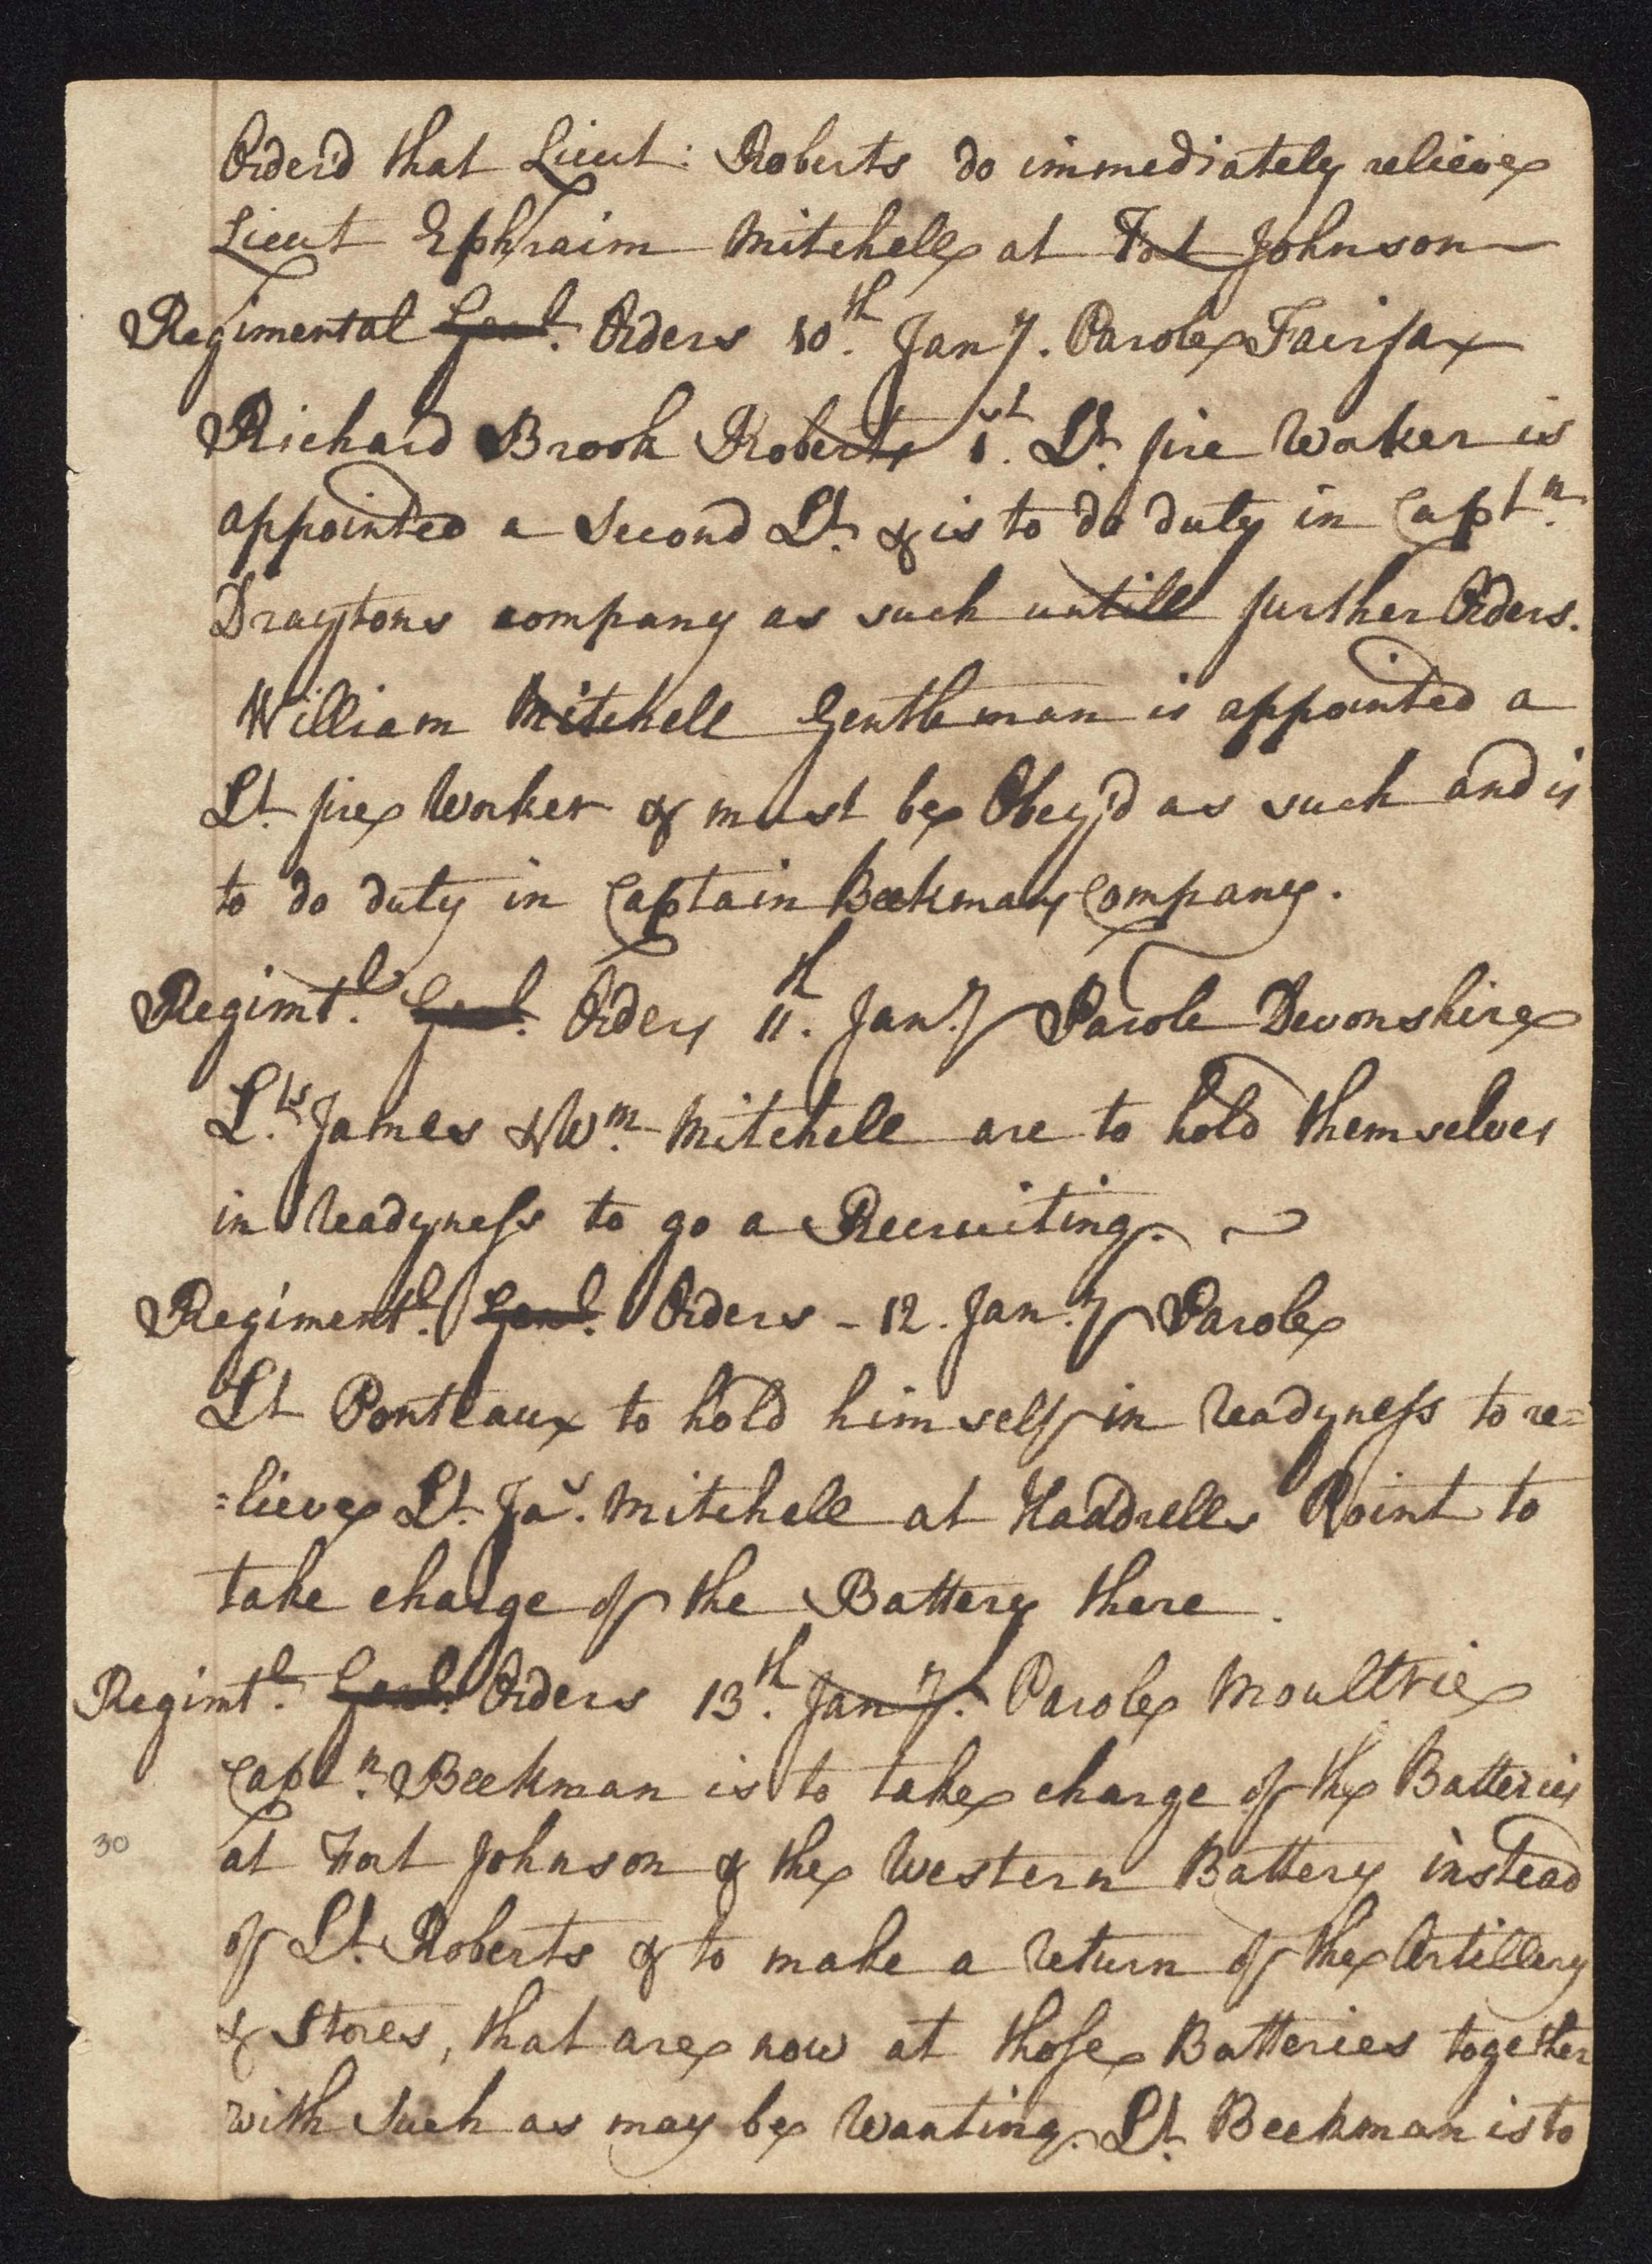 South Carolina Regiment Order Book, Page 59